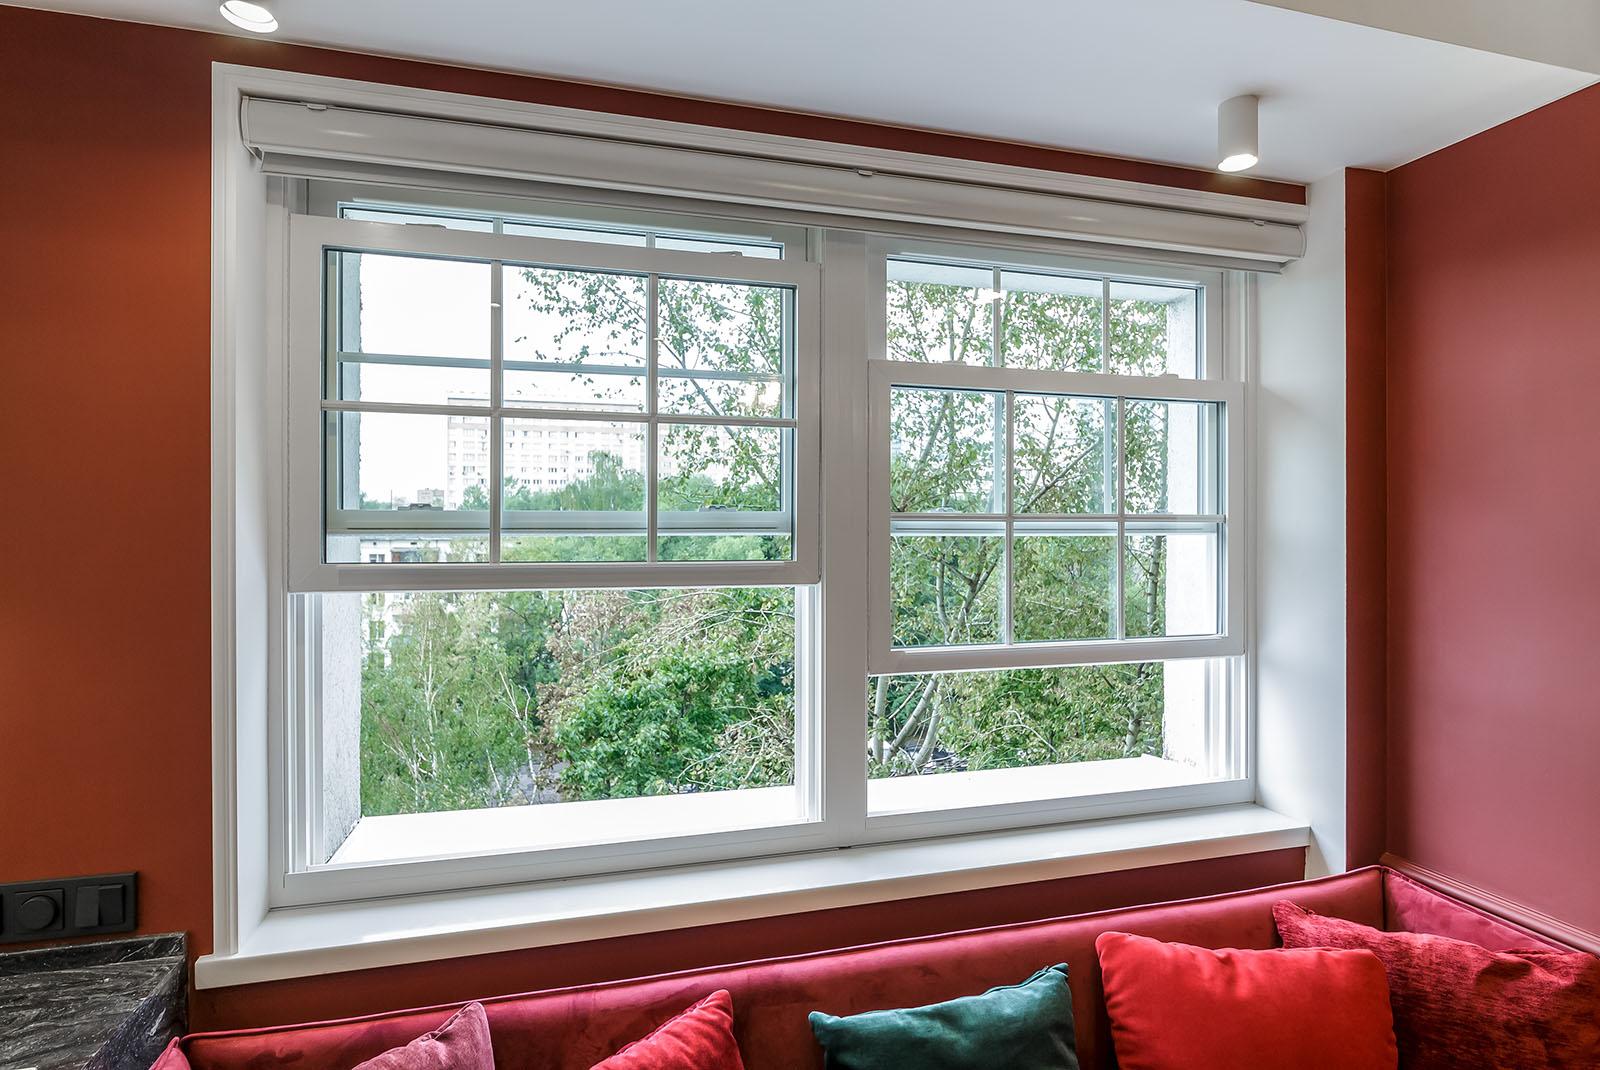 Американские вертикальные окна слайдеры в загородном доме